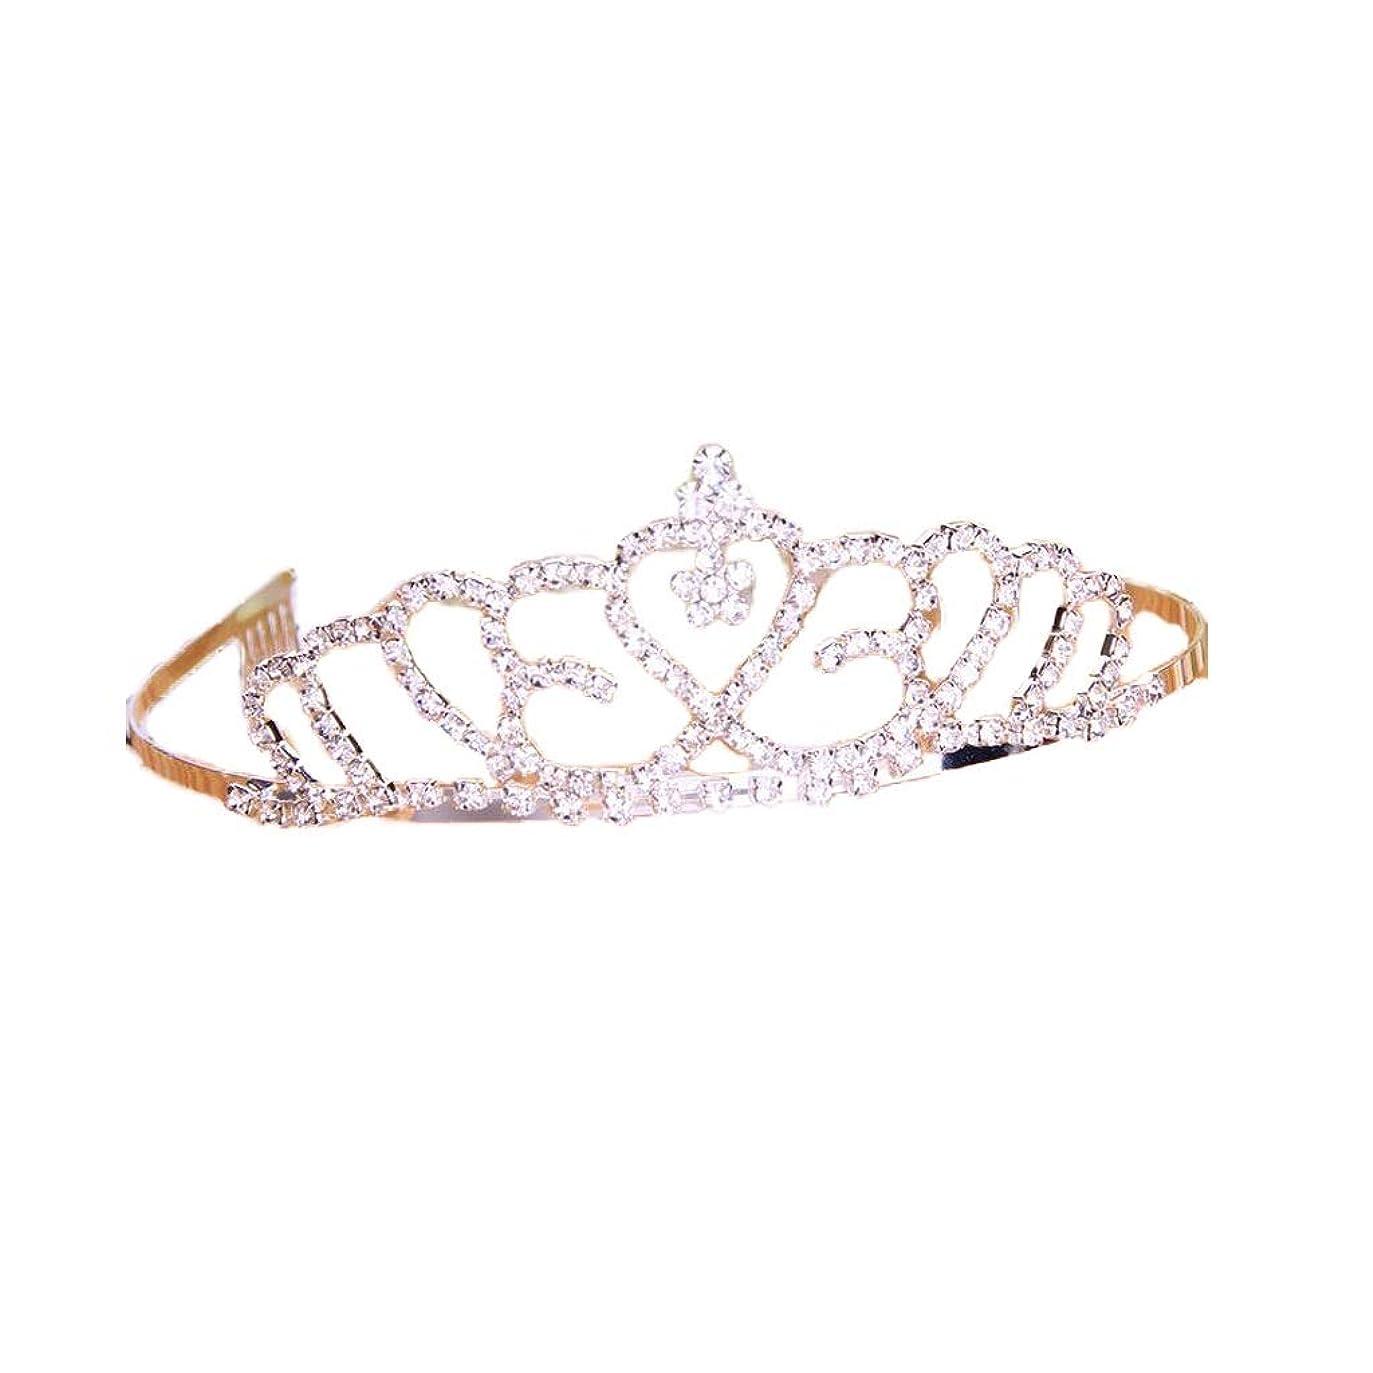 控えめなリーン入場クラウンヘッドバンドの花嫁の結婚式の宝石類のヘッドドレスドレスアクセサリー (色 : A)